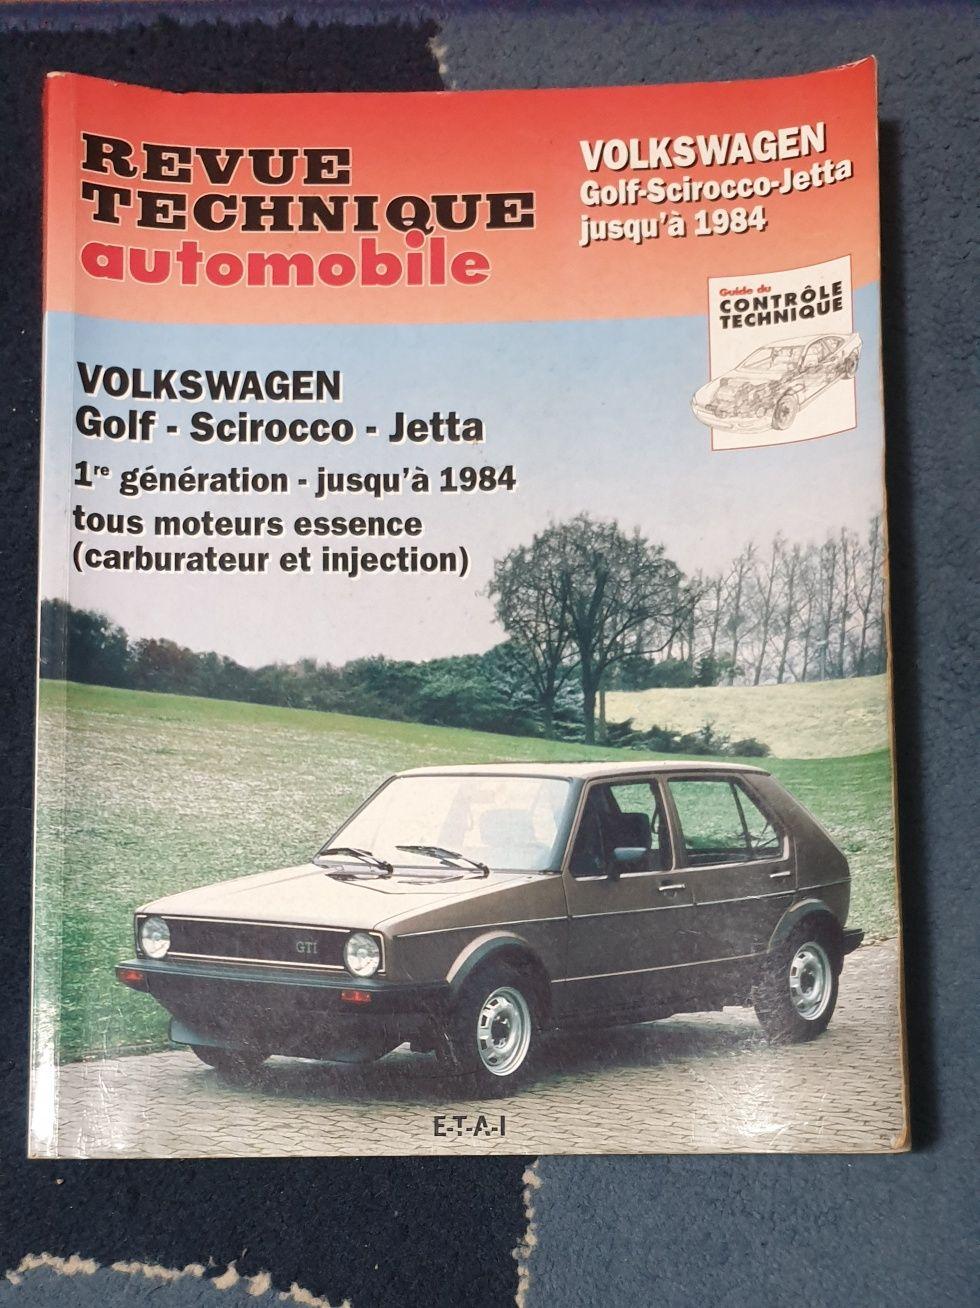 Manual VW Golf MK1, Scirocco e Jetta (tipo Haynes)